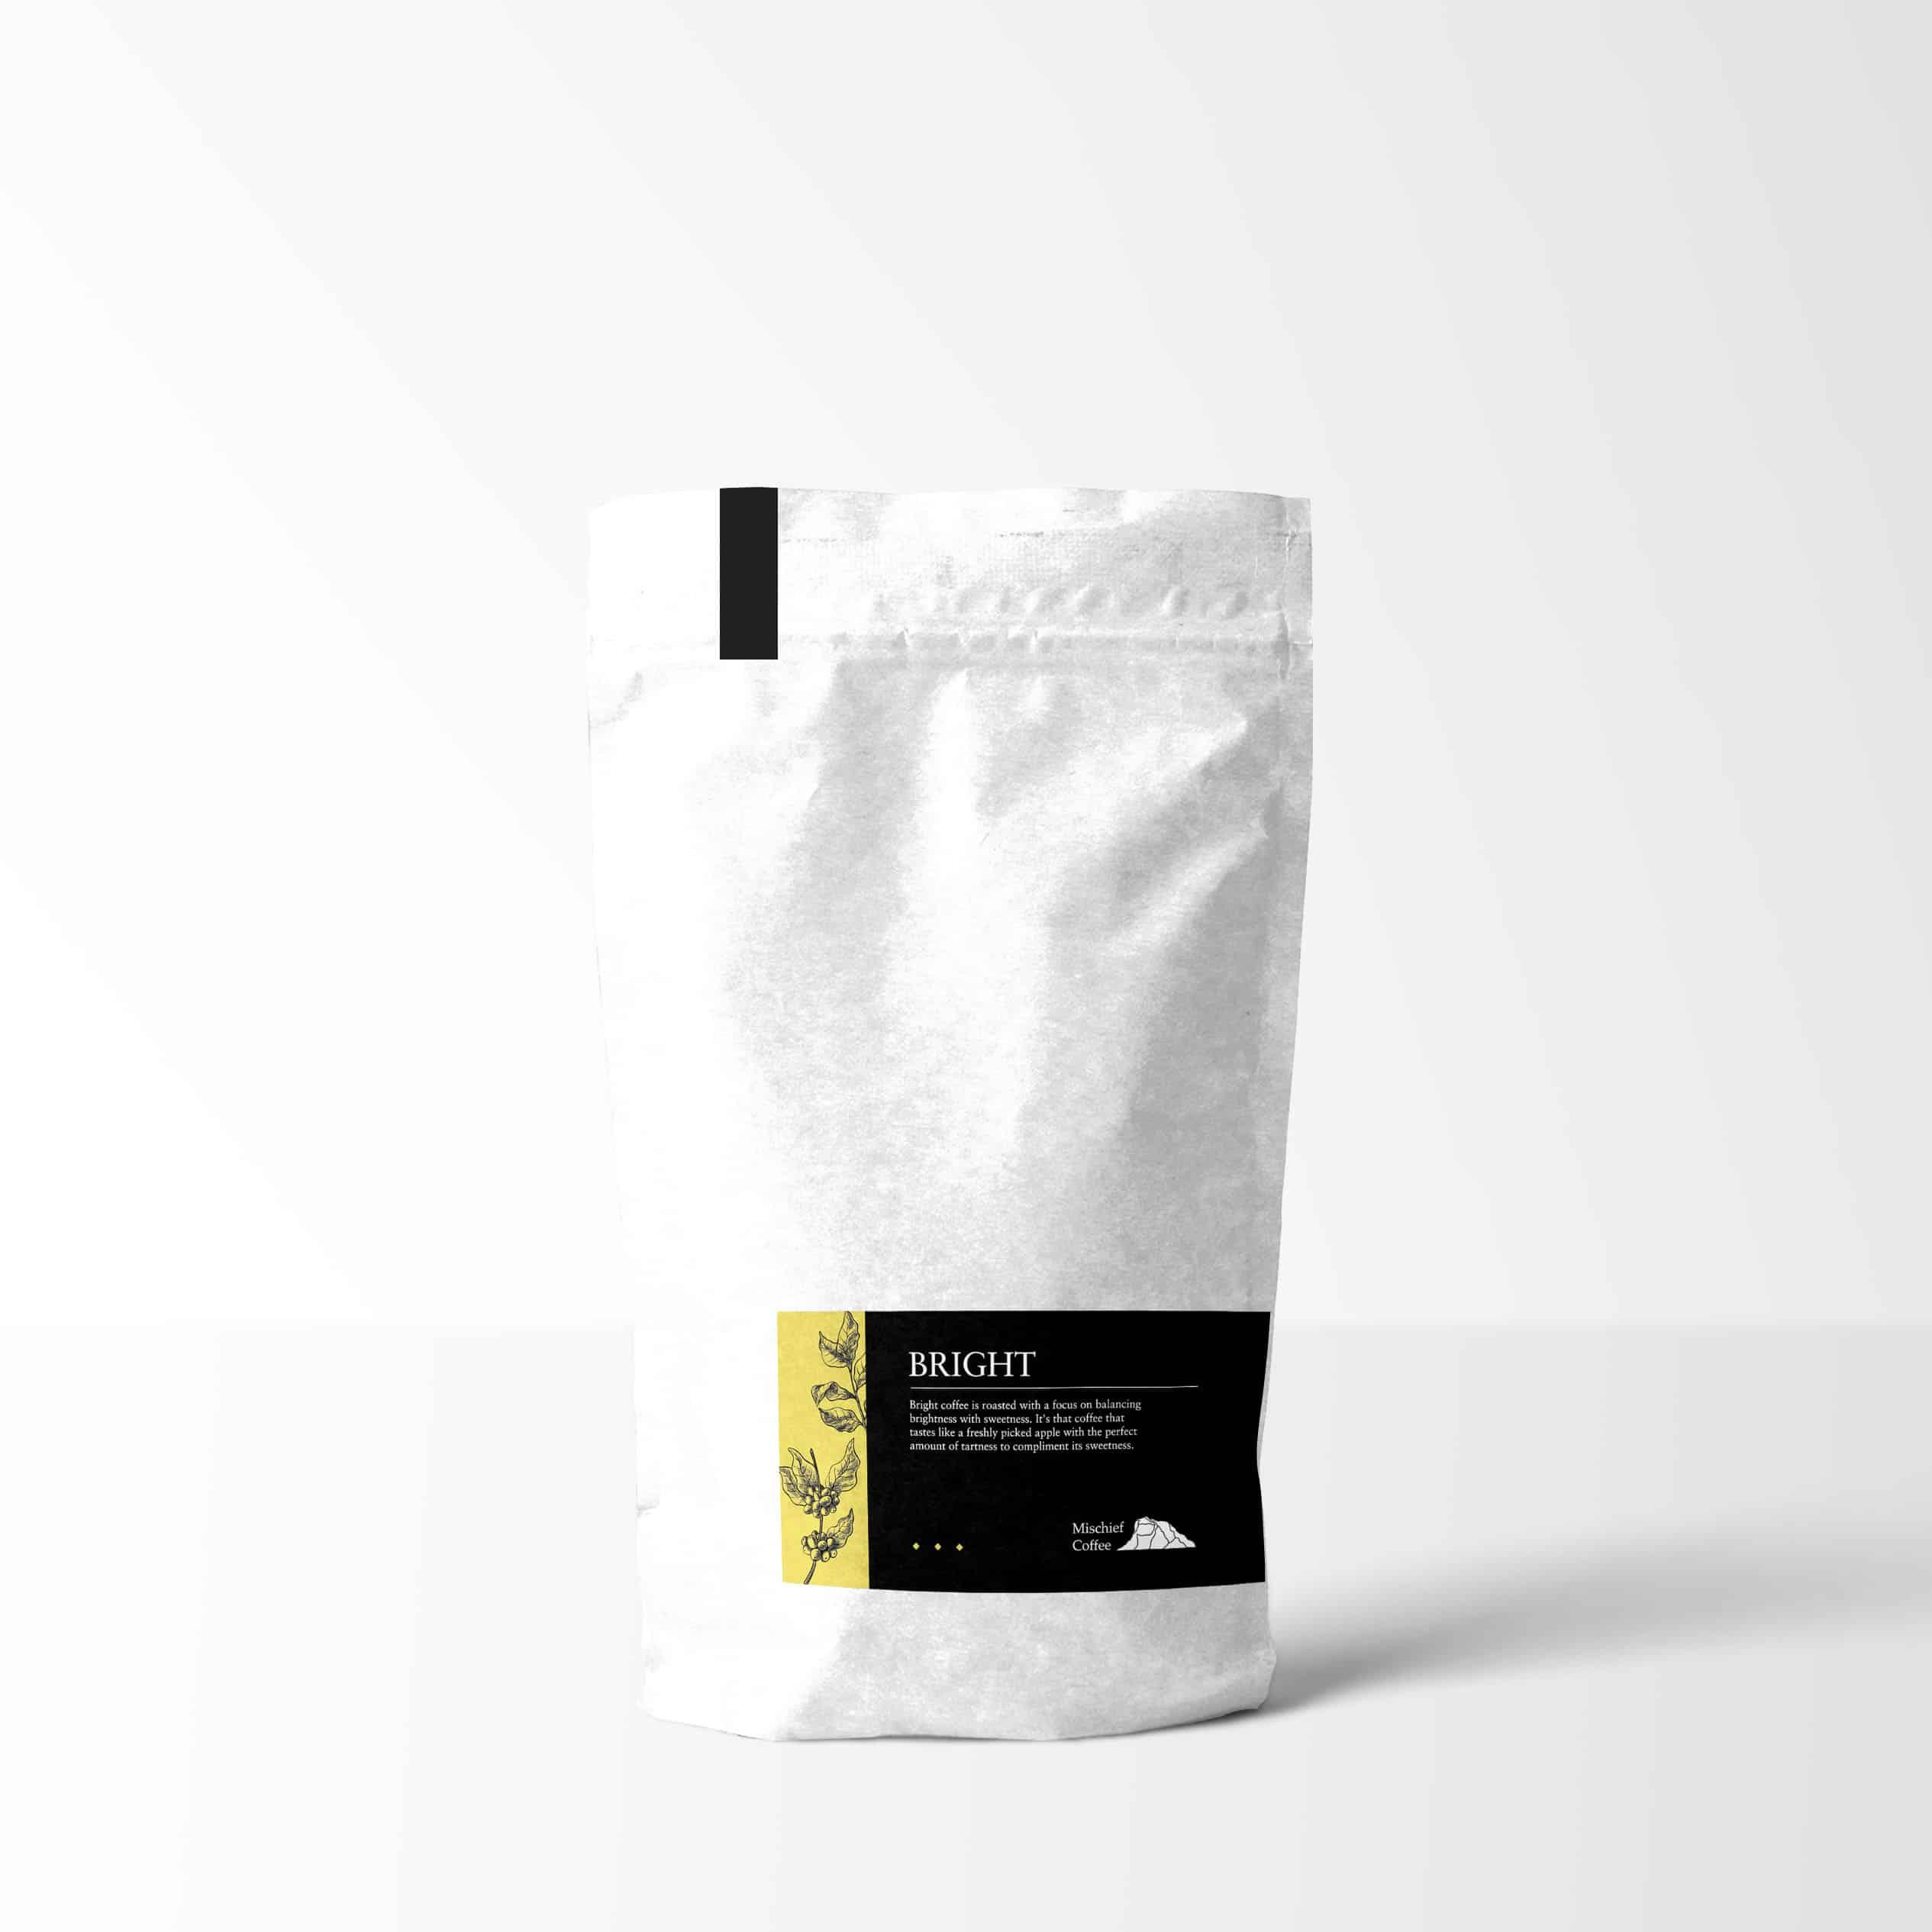 Coffee bag package design